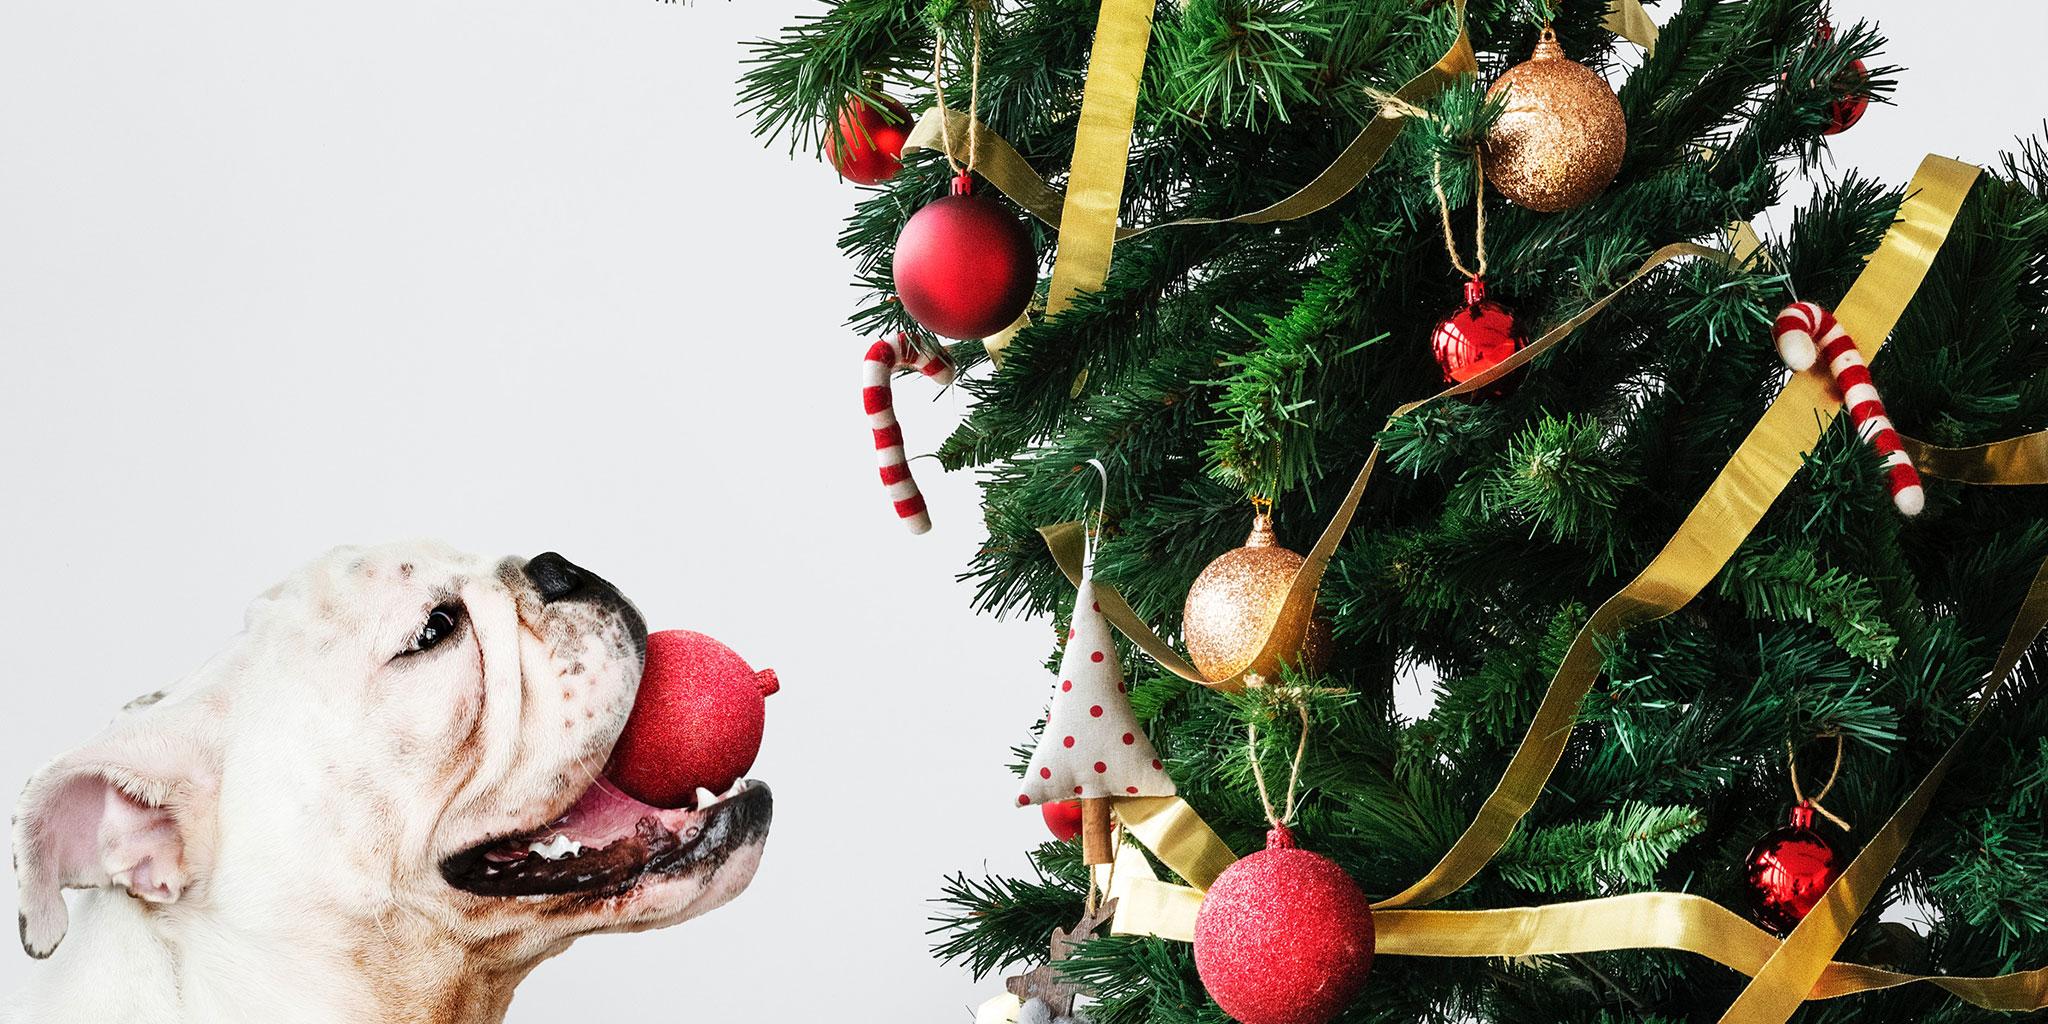 Hond met een kerstbal in de mond kijkend naar een kerstboom